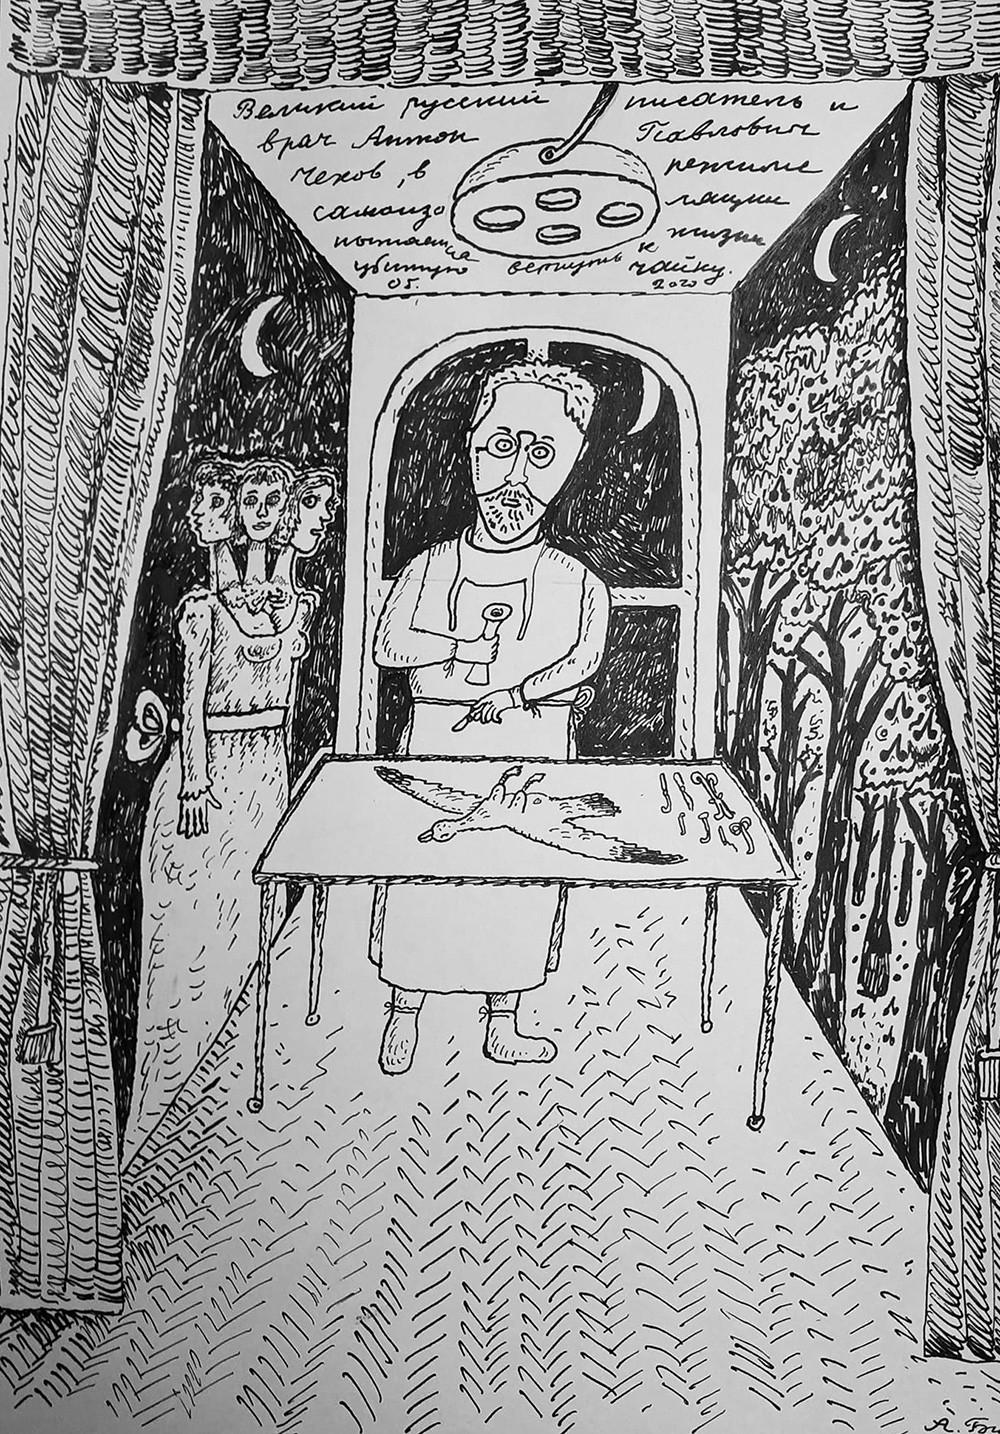 El gran escritor y médico ruso Antón Chejov trata de resucitar una gaviota muerta durante un periodo de autoaislamiento [símbolo en su obra La gaviota]